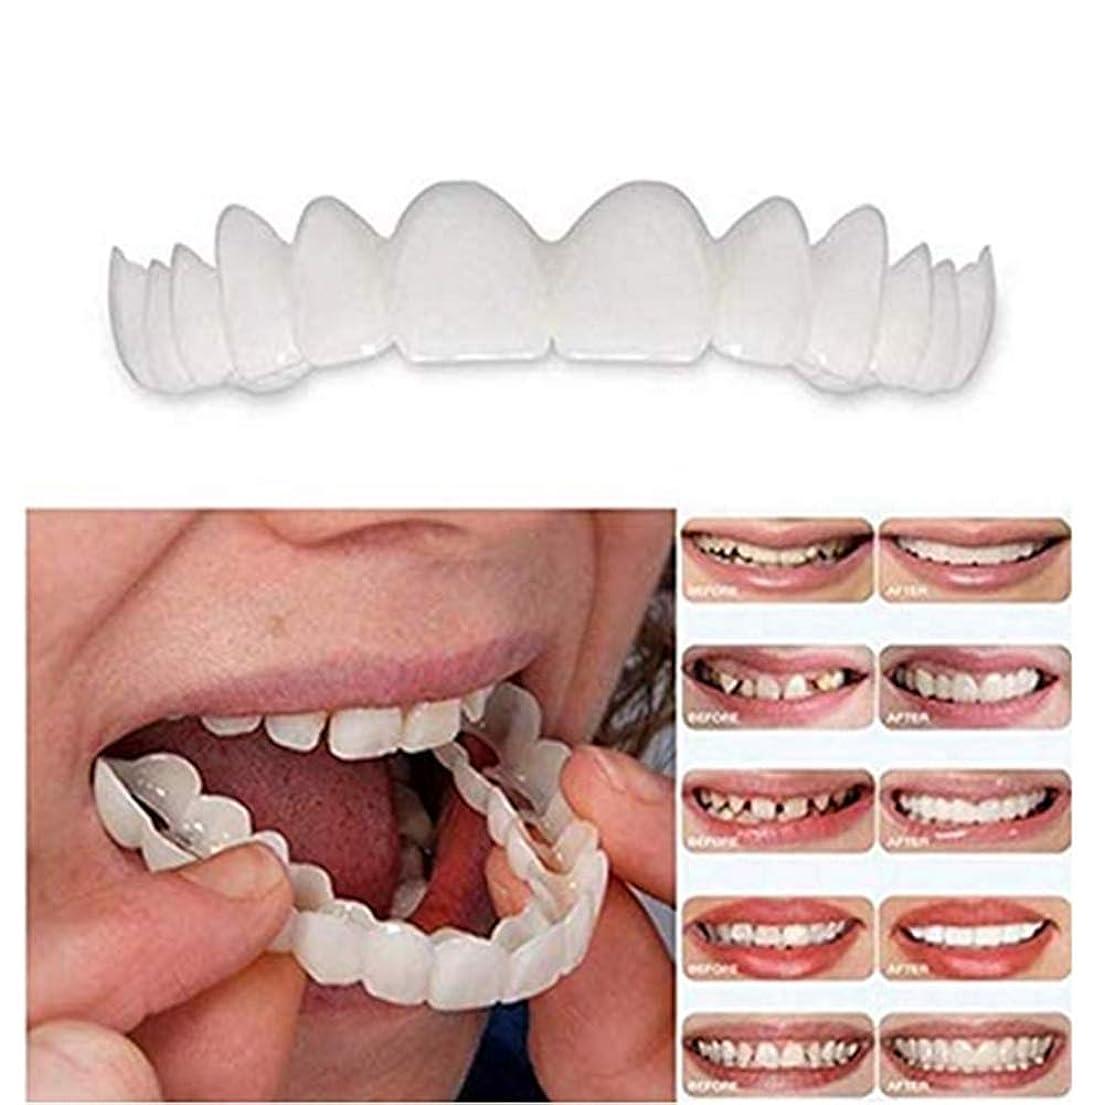 泥だらけ重要性保守的14セットの再利用可能な歯カバー歯科用アクセサリー用の調節可能なソフト漂白偽歯科義歯